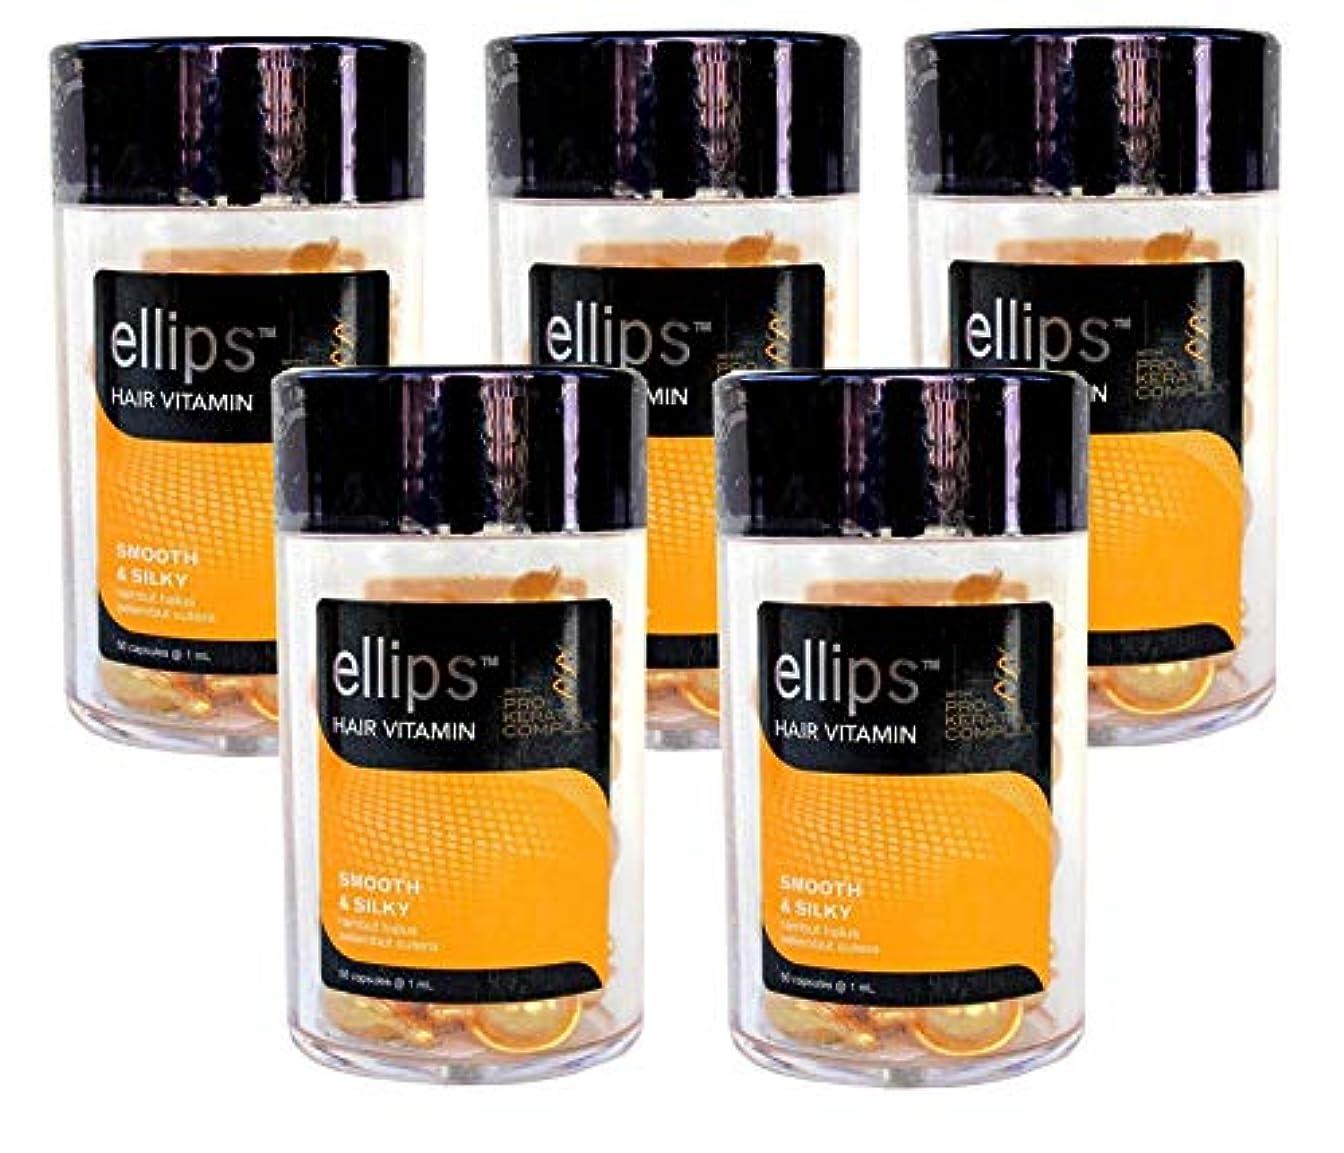 確実スマイルビーチellips エリップス ヘアビタミン プロケラチンコンプレックス配合 50粒入り 5本セット (イエロー) [並行輸入品]